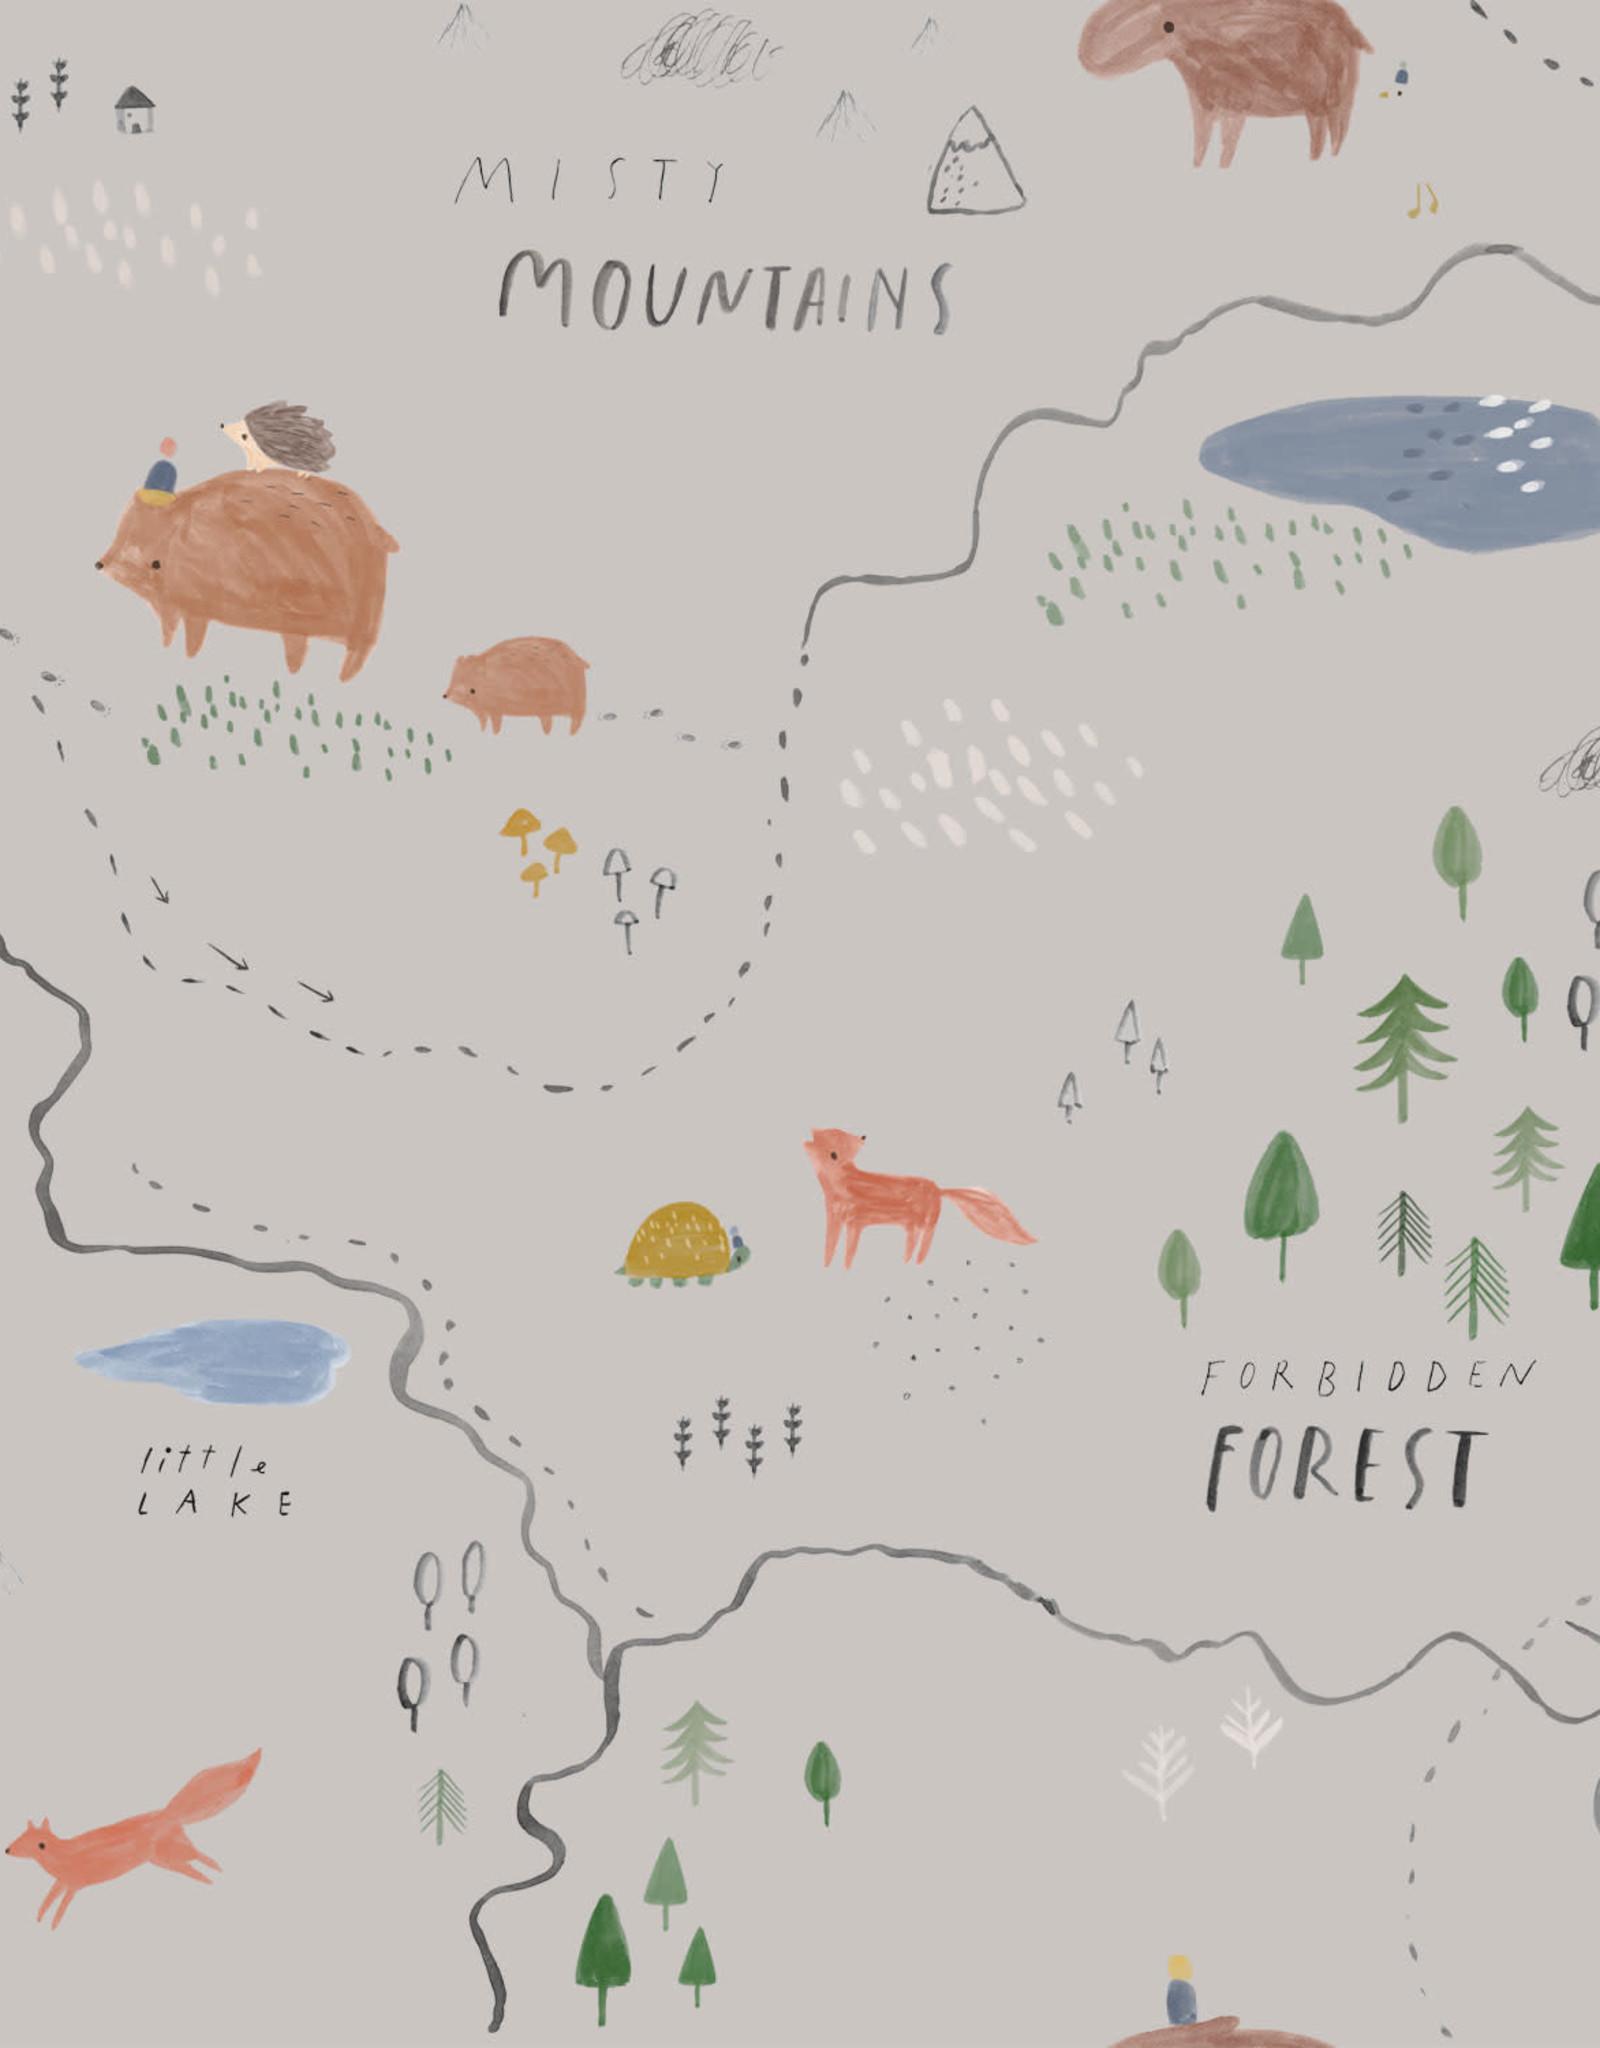 Katia Misty Mountains